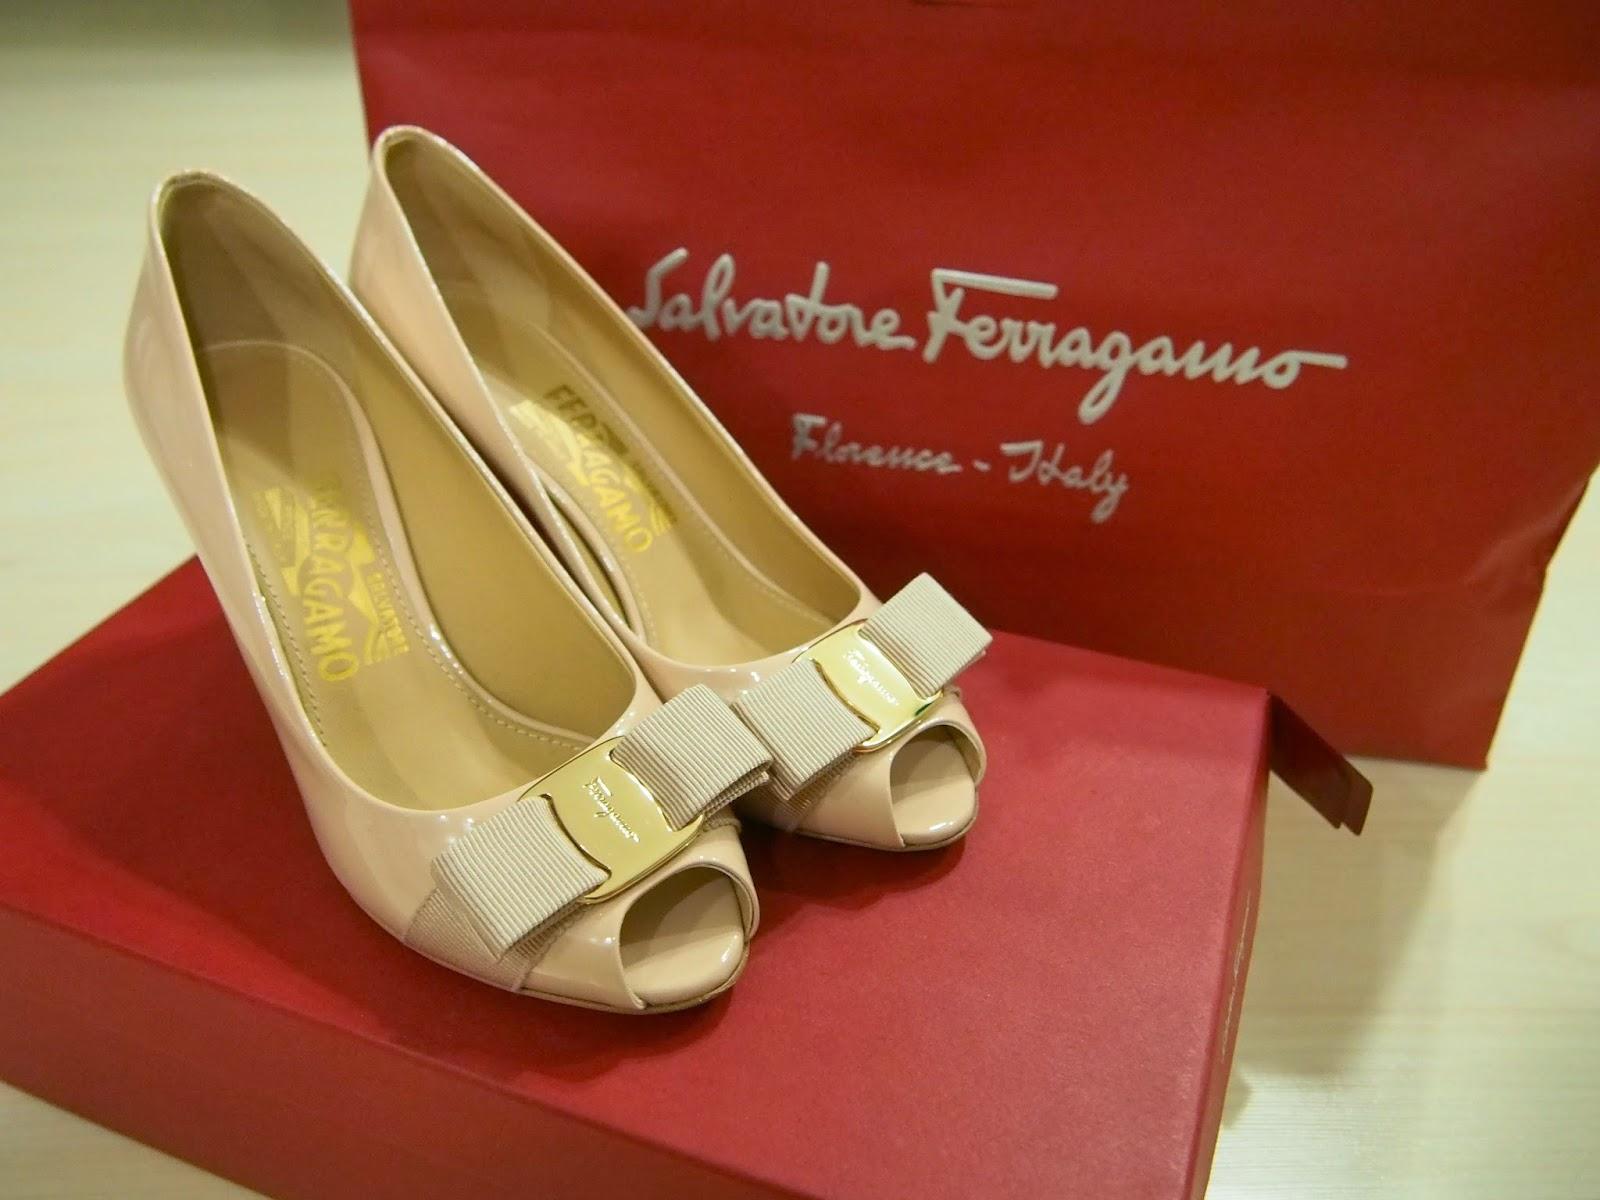 Afbeeldingsresultaat voor surprise pair of heels